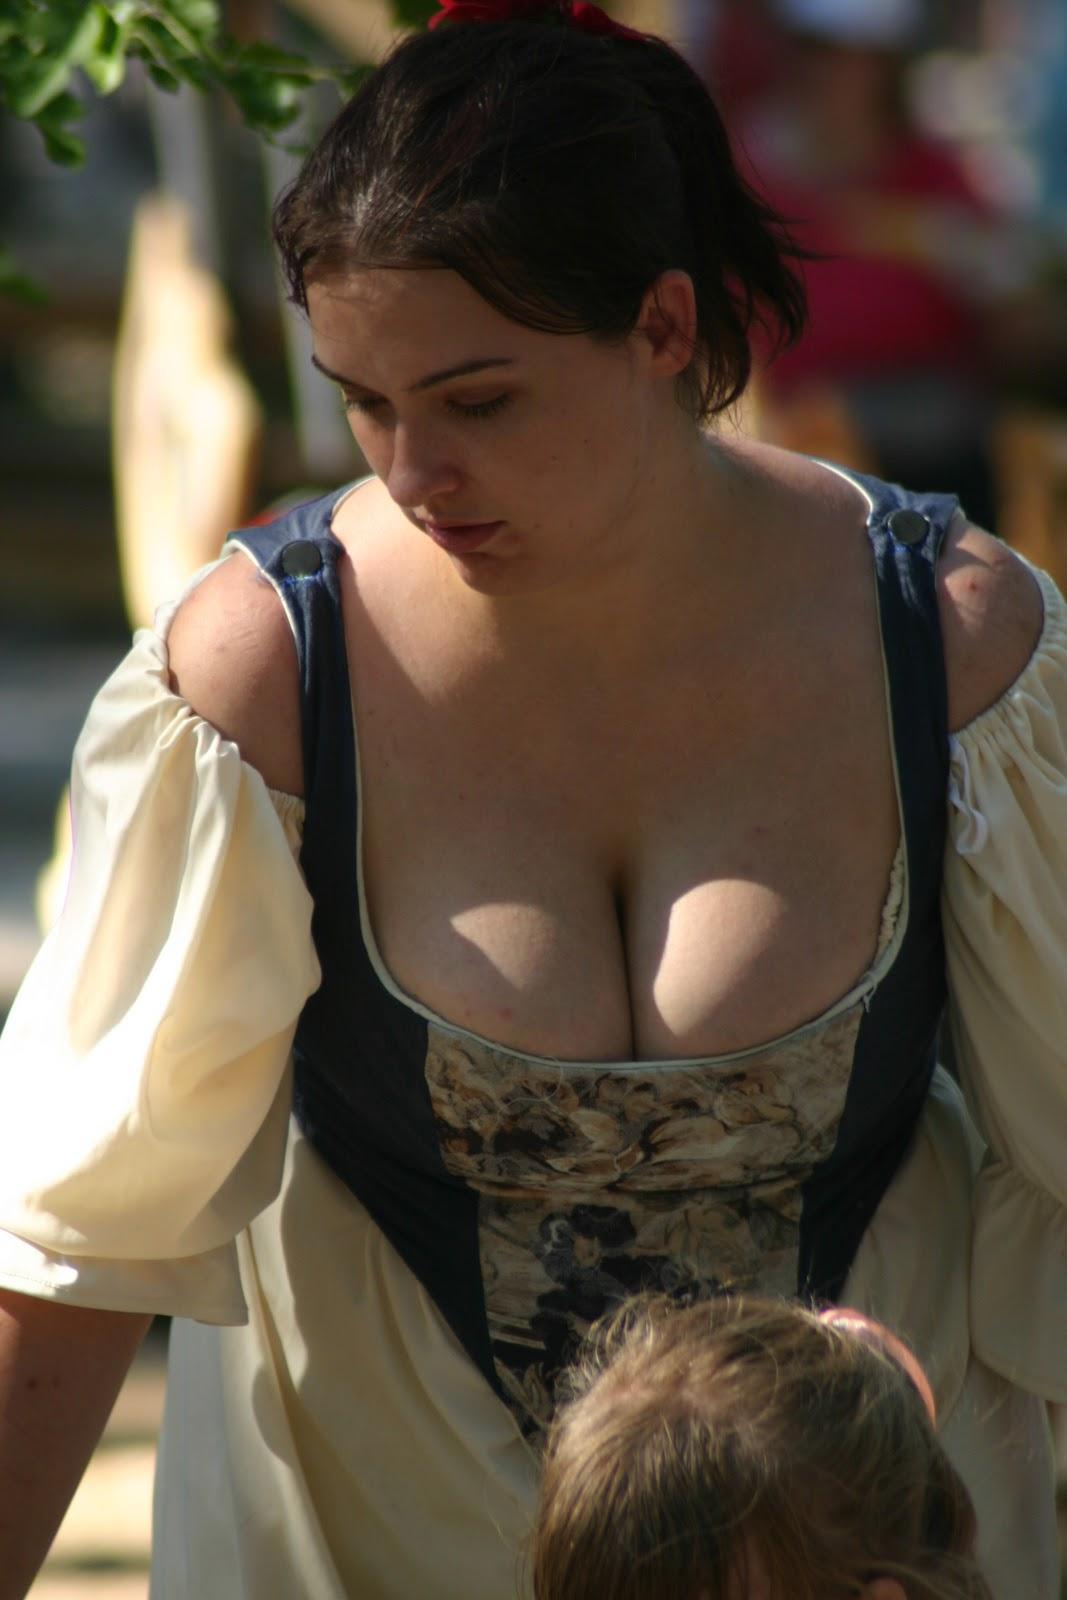 urmila matondkar naked sex photos